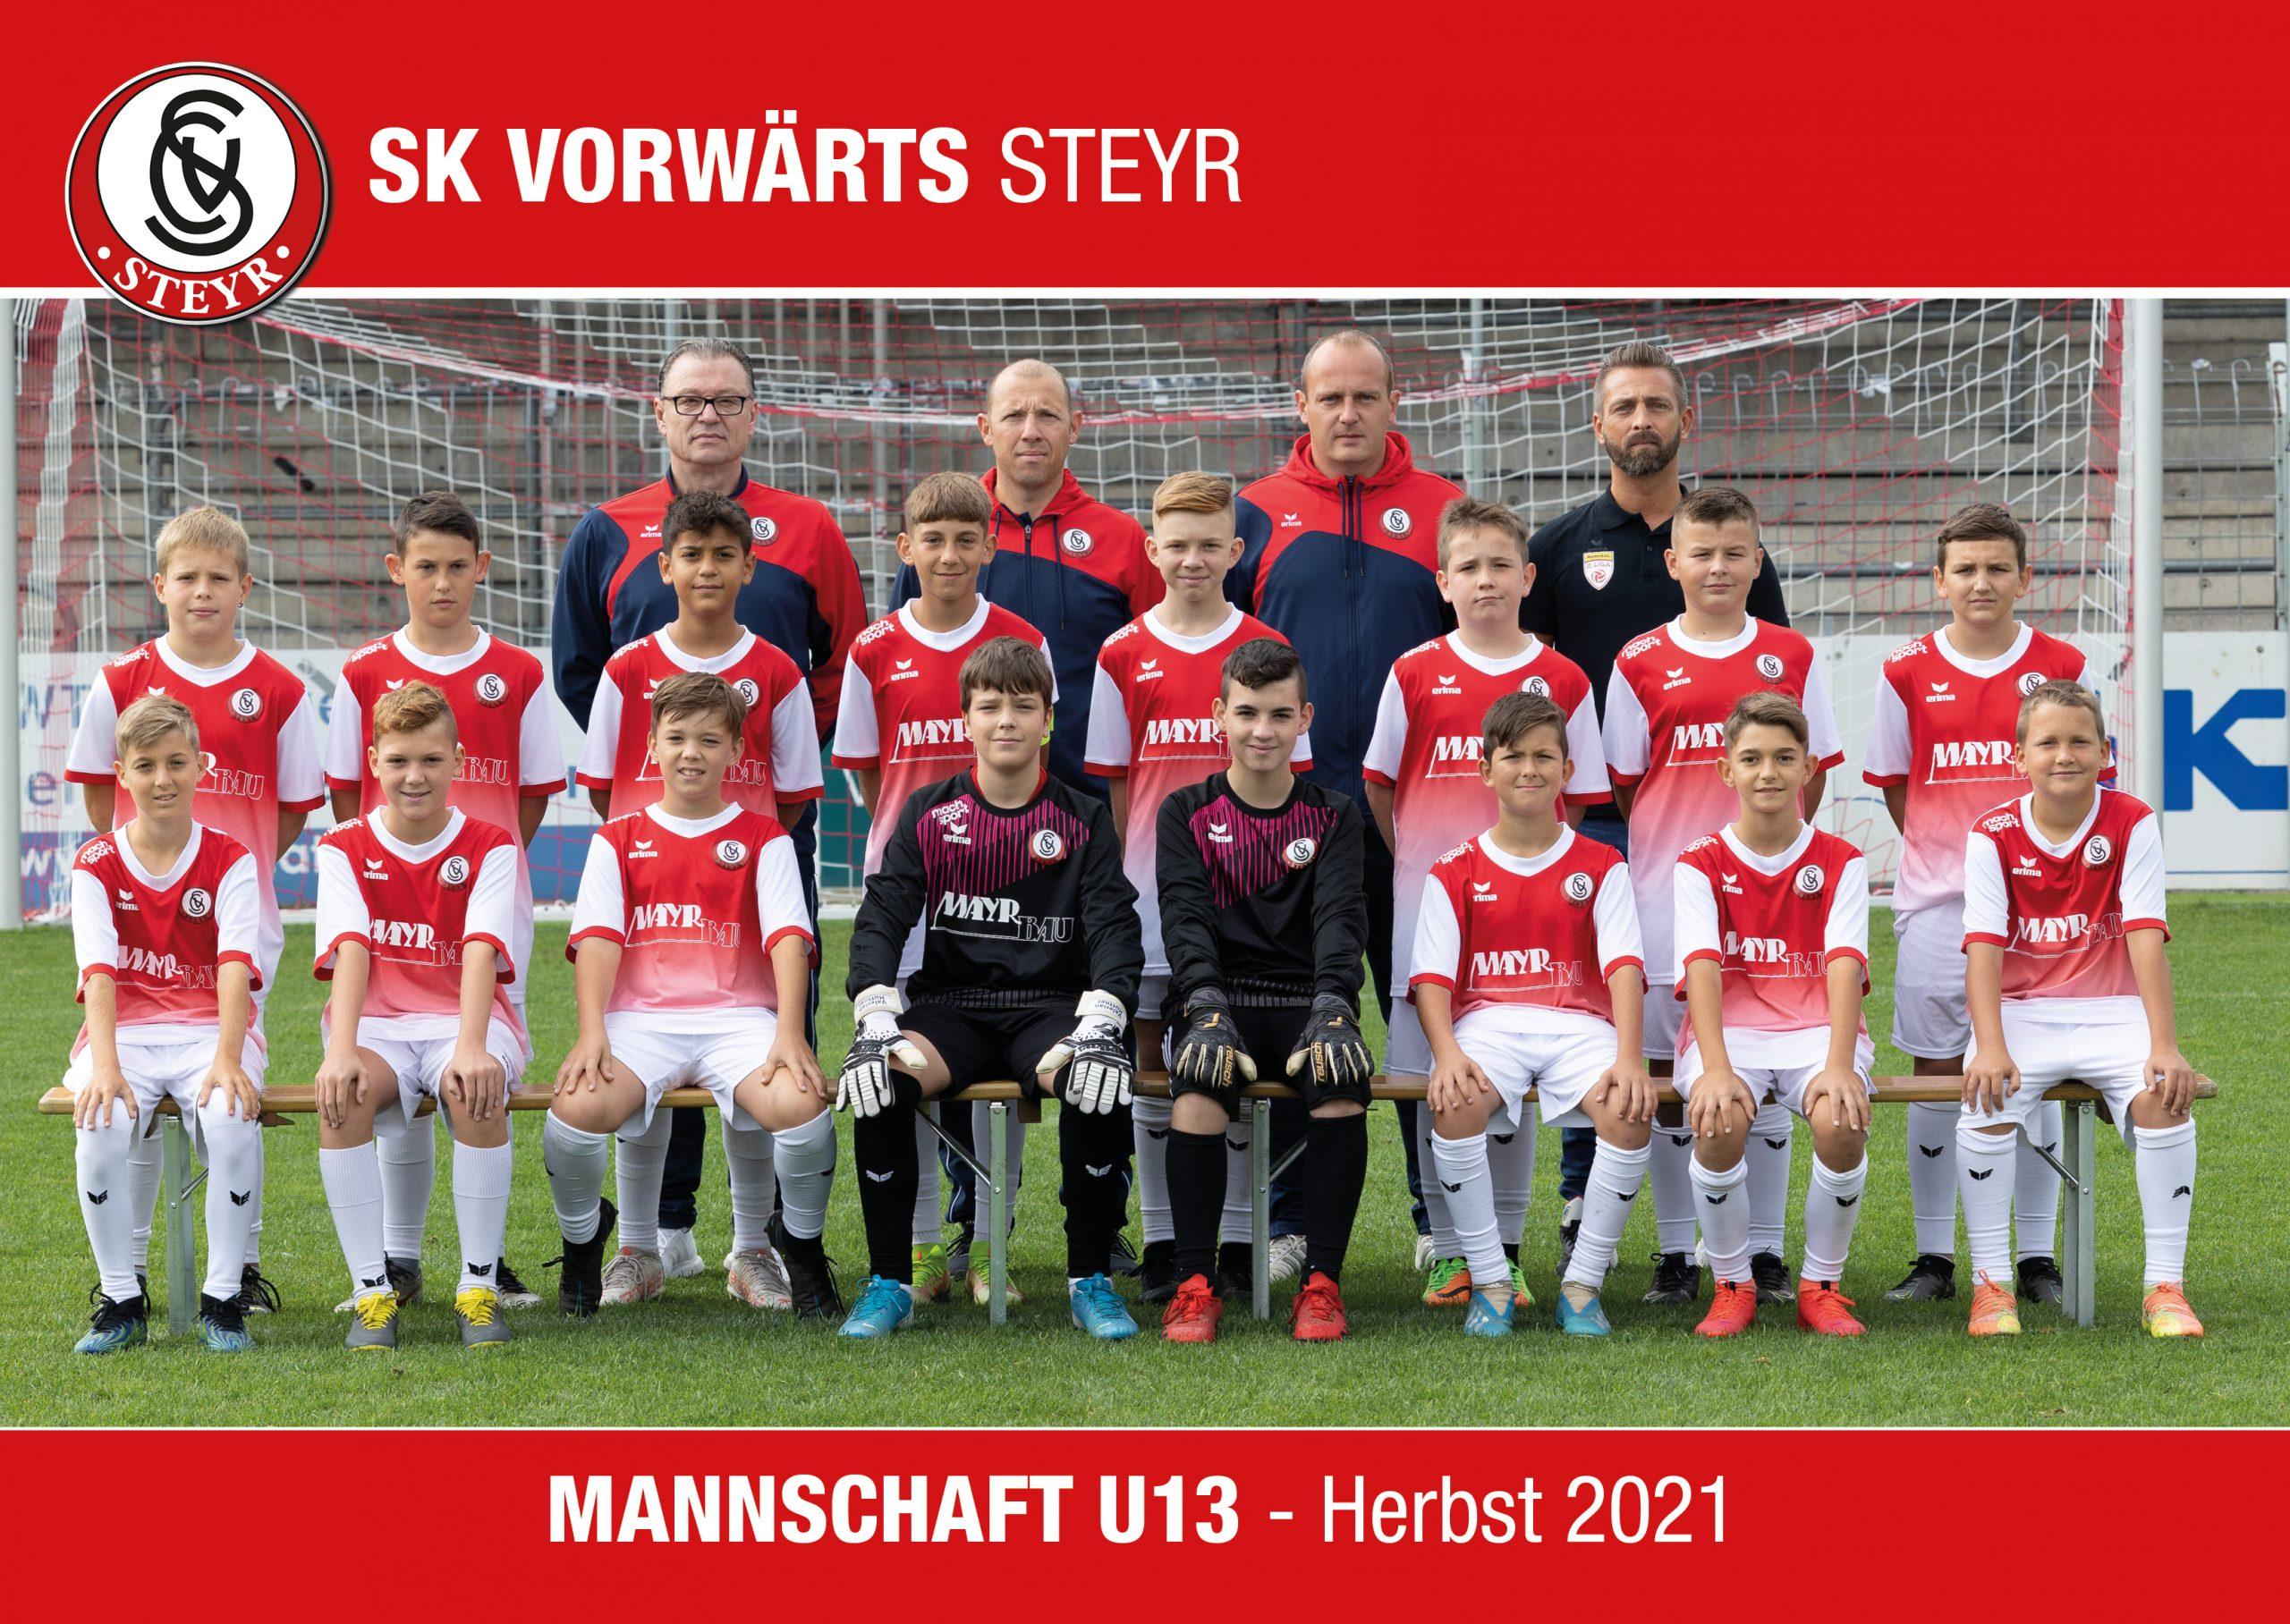 Mannschaftstofo U12 - Herbst 2020